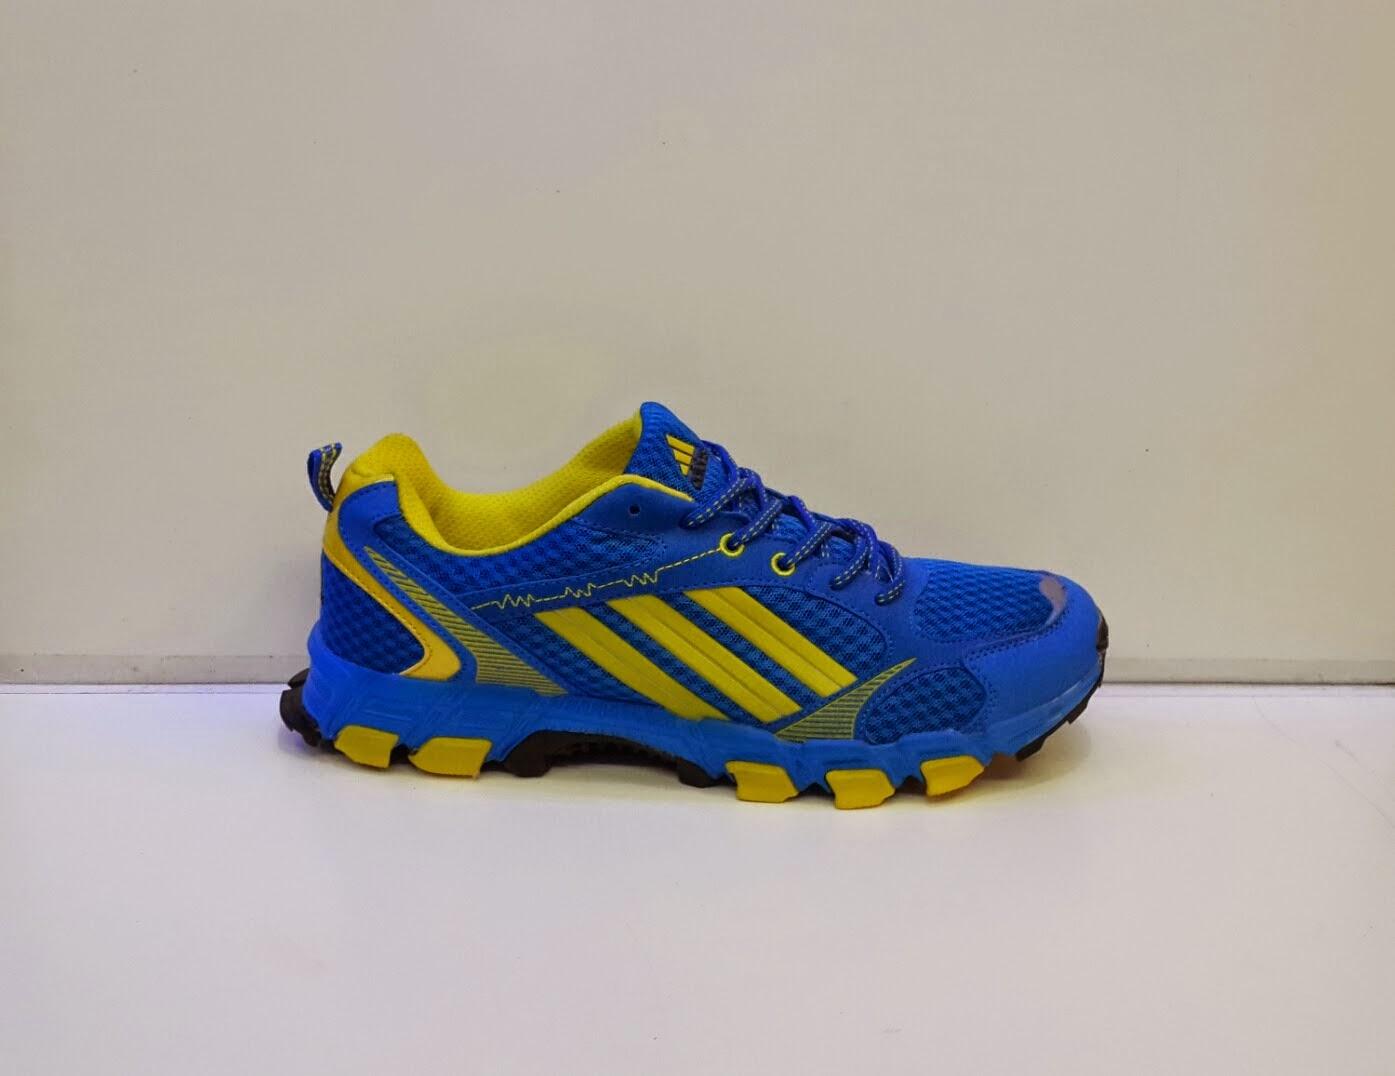 Adidas Supernova biru,Adidas Running,Adidas Import.